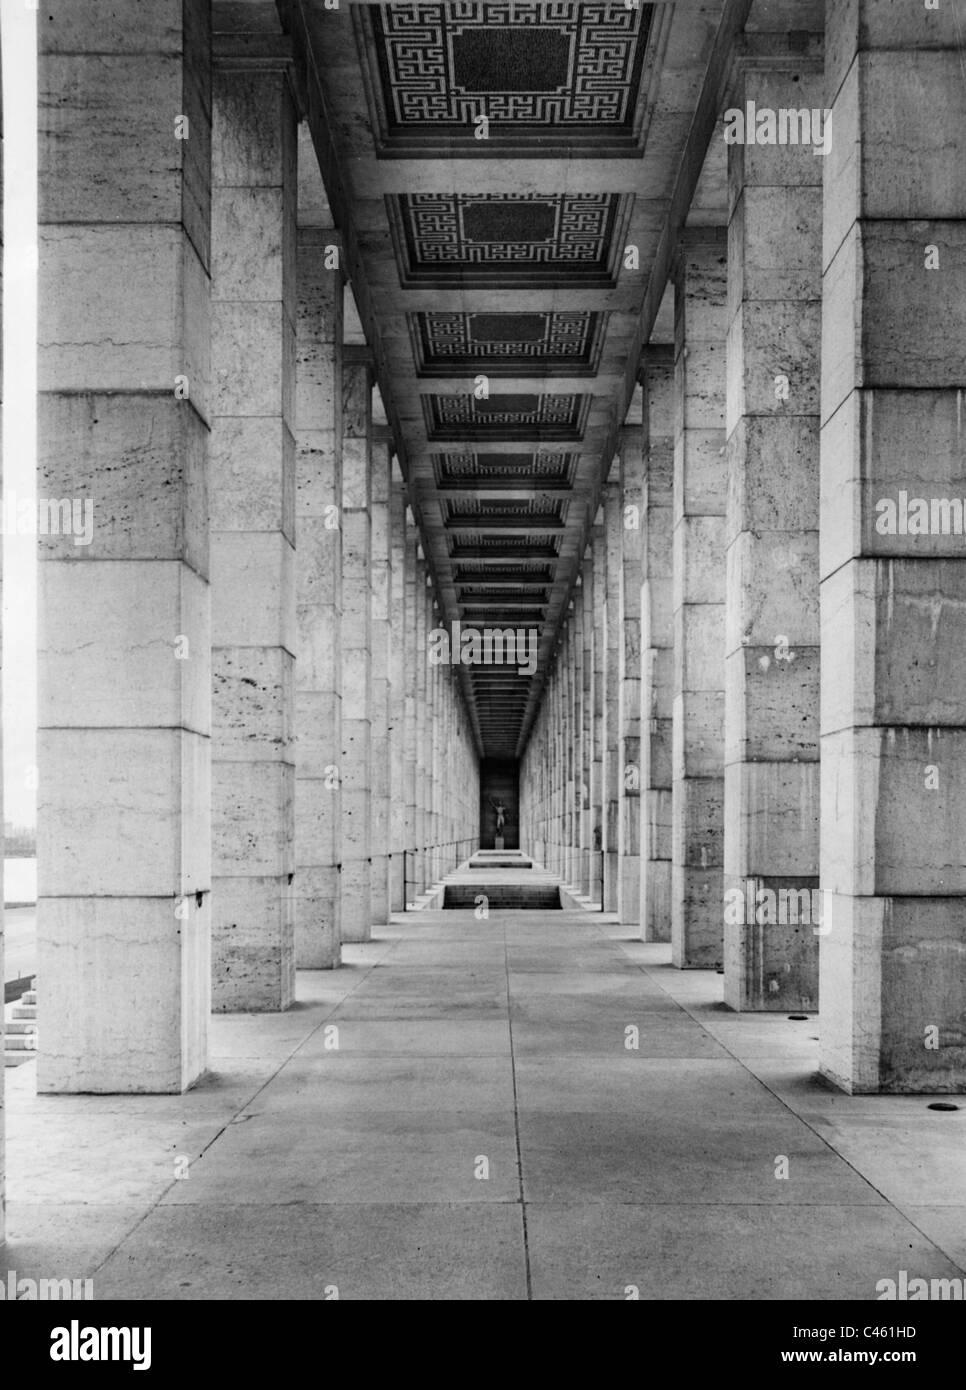 Architecture of the third reich nuremberg nazi party for Architektur 3 reich